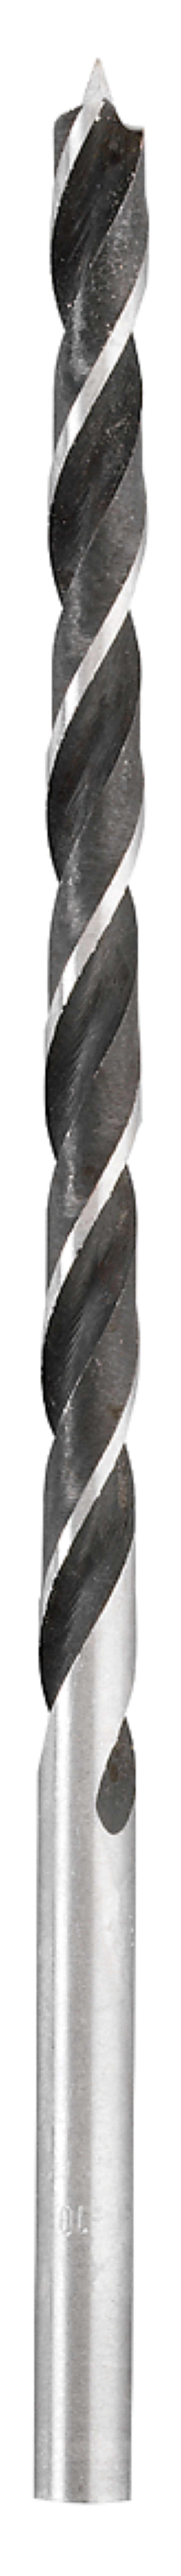 Сверло по дереву Kwb 5118-14 диск по дереву диаметр 800 мм